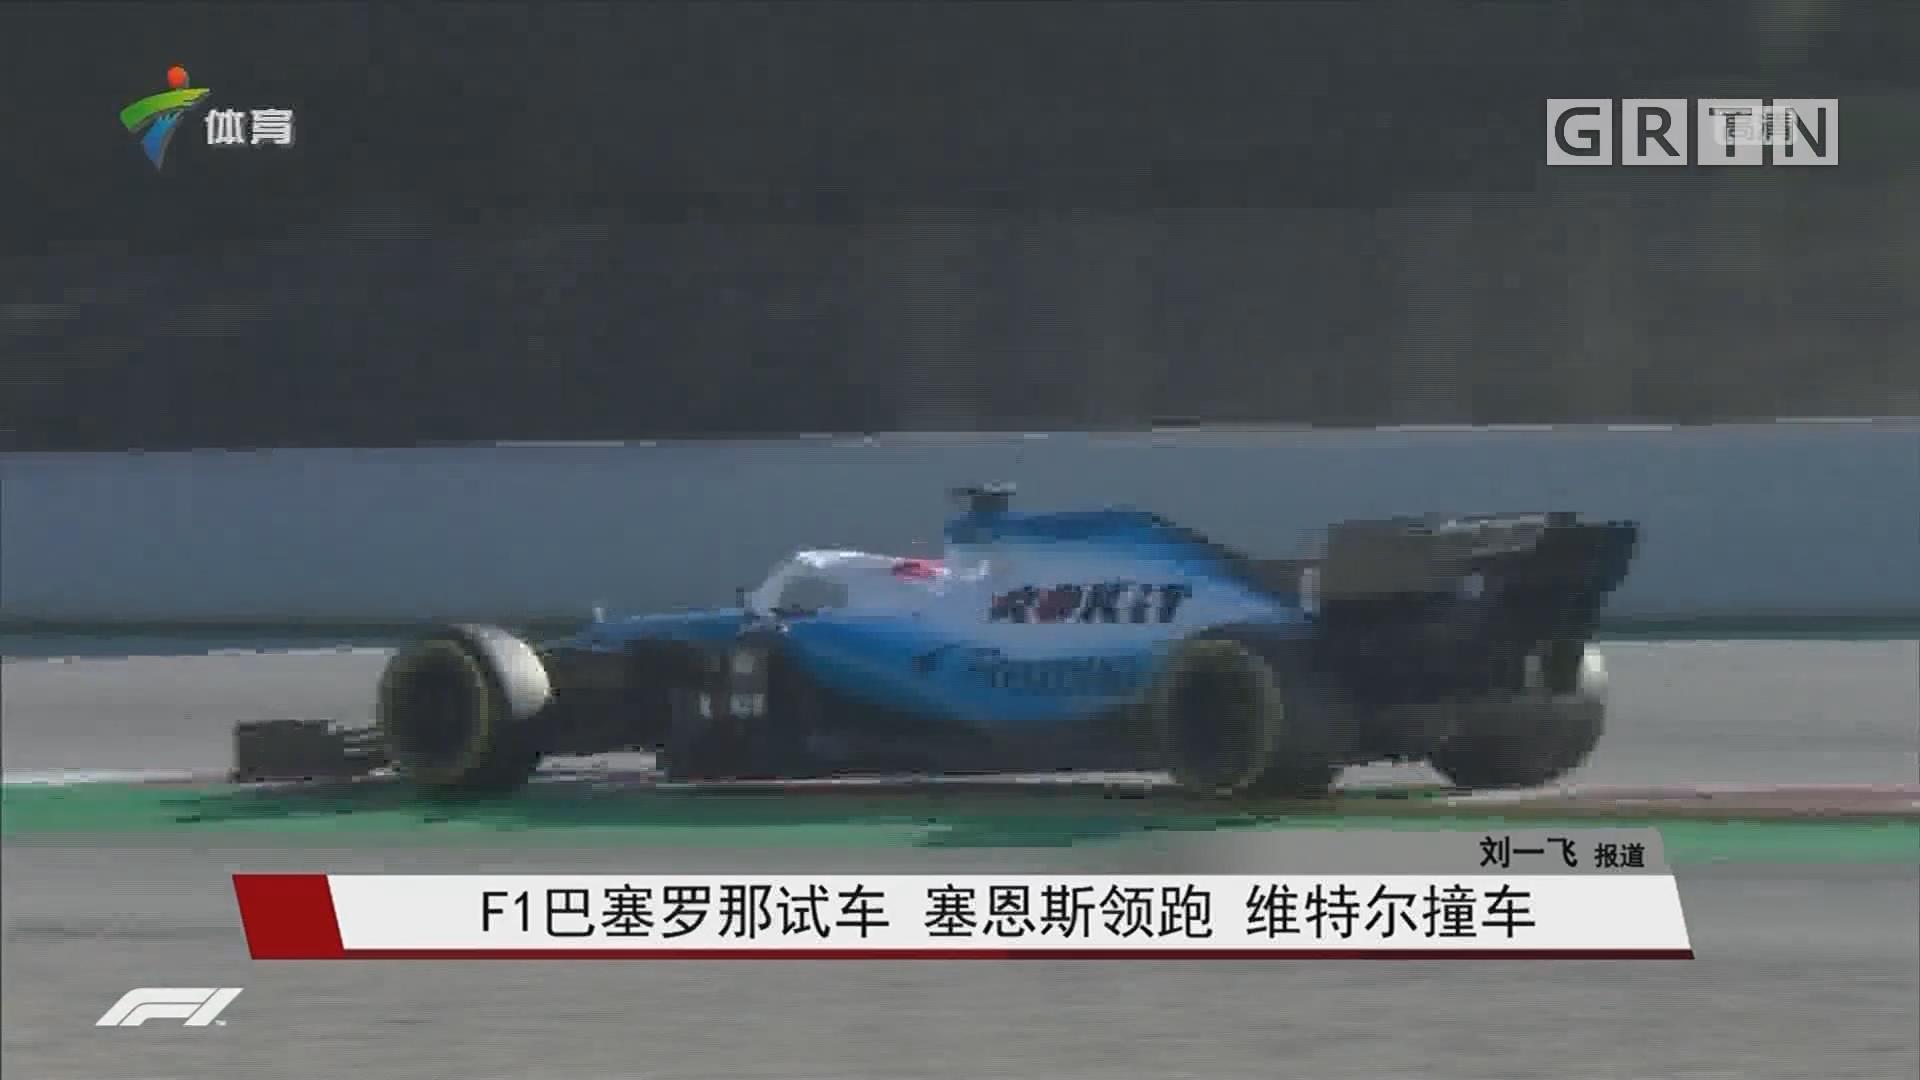 F1巴塞羅那試車 塞恩斯領跑 維特爾撞車